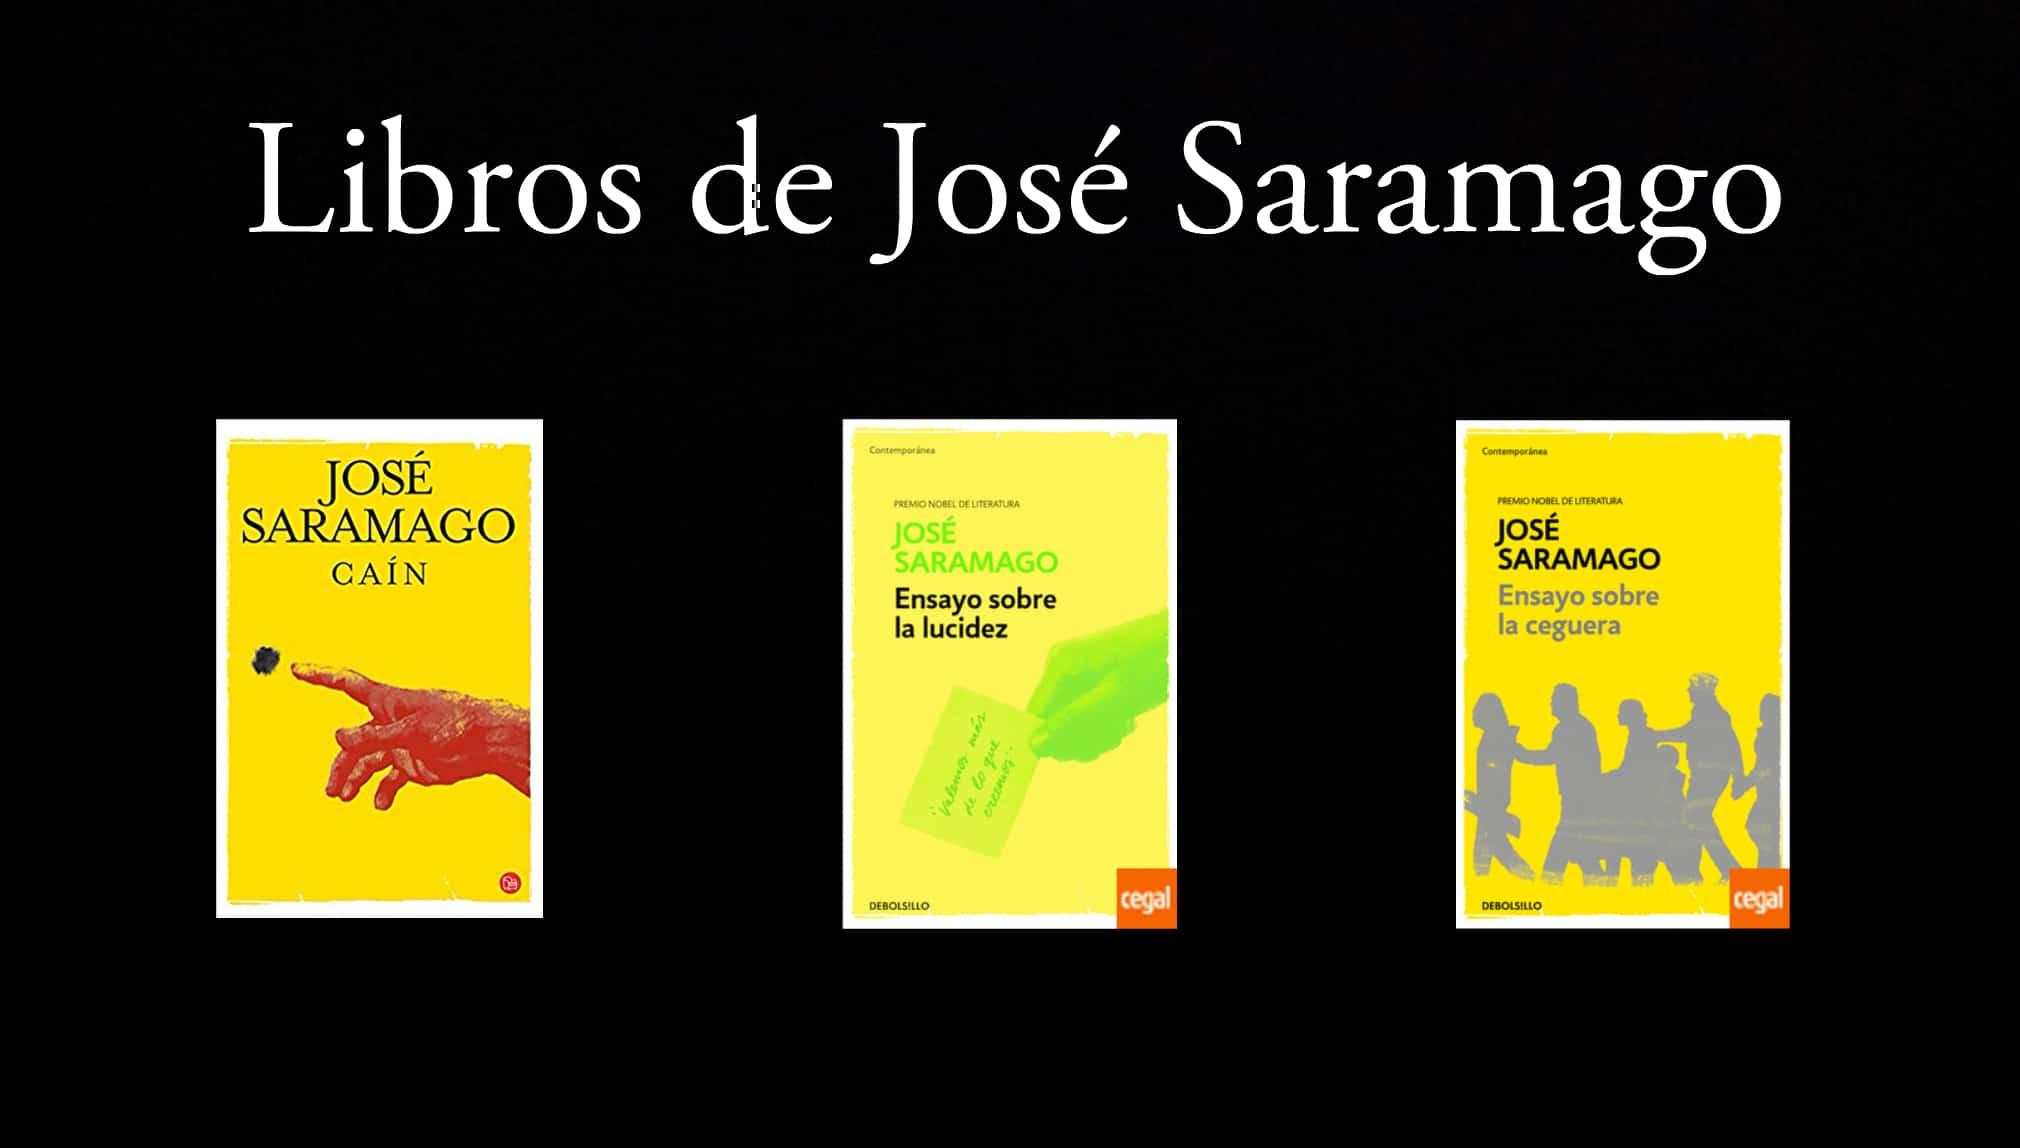 Libros de José Saramago